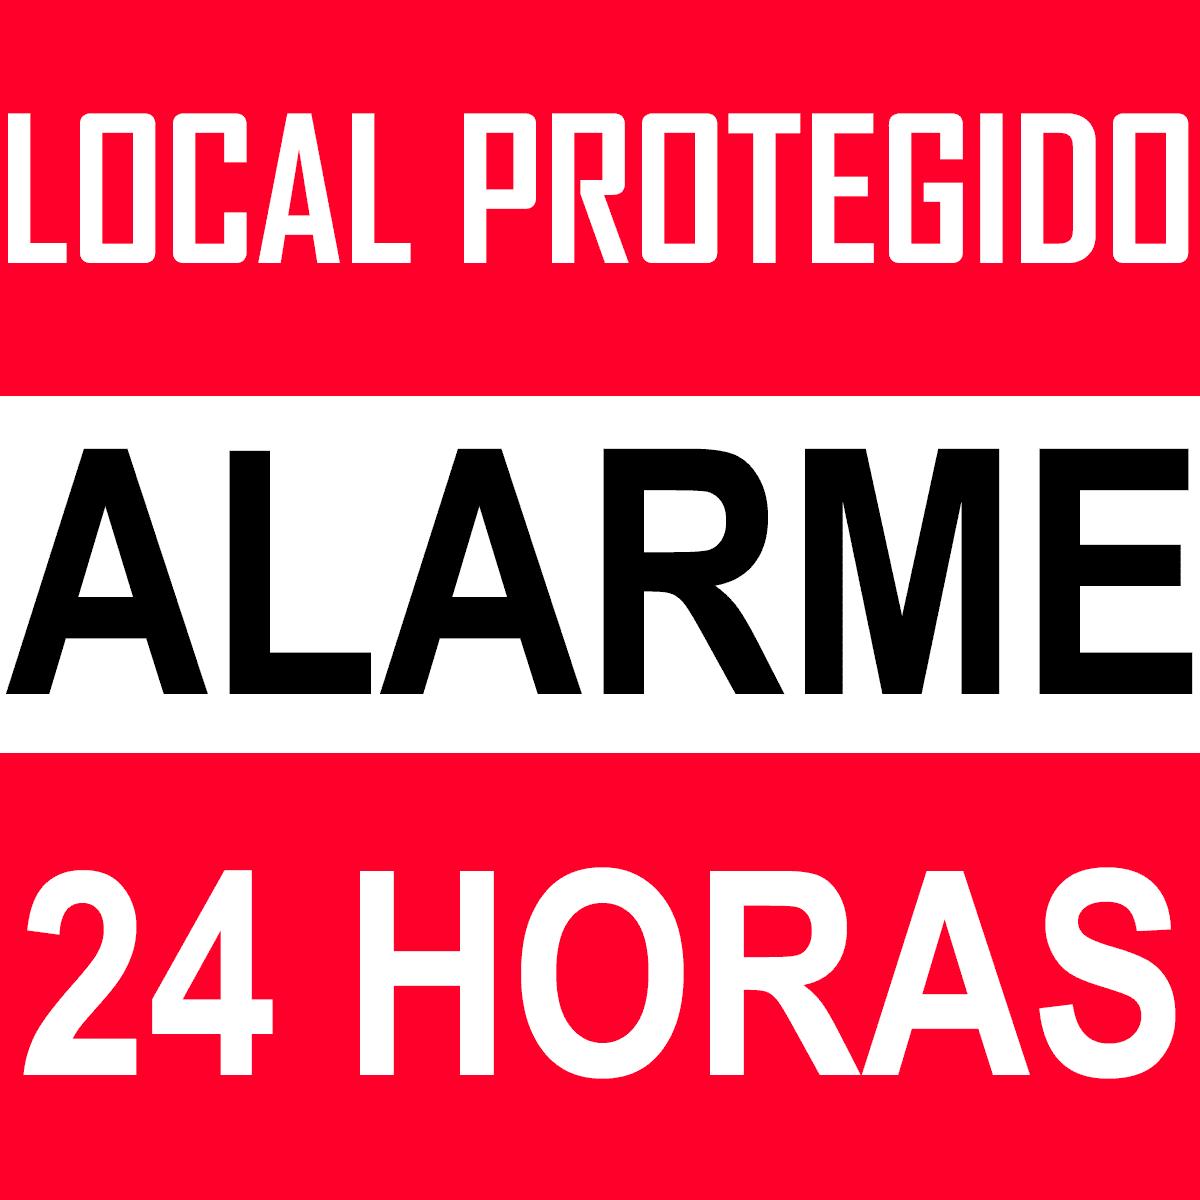 Kit 5 Placas Sinalização Local Protegido Alarme 24 Horas  - Ambientude Agro e Pet